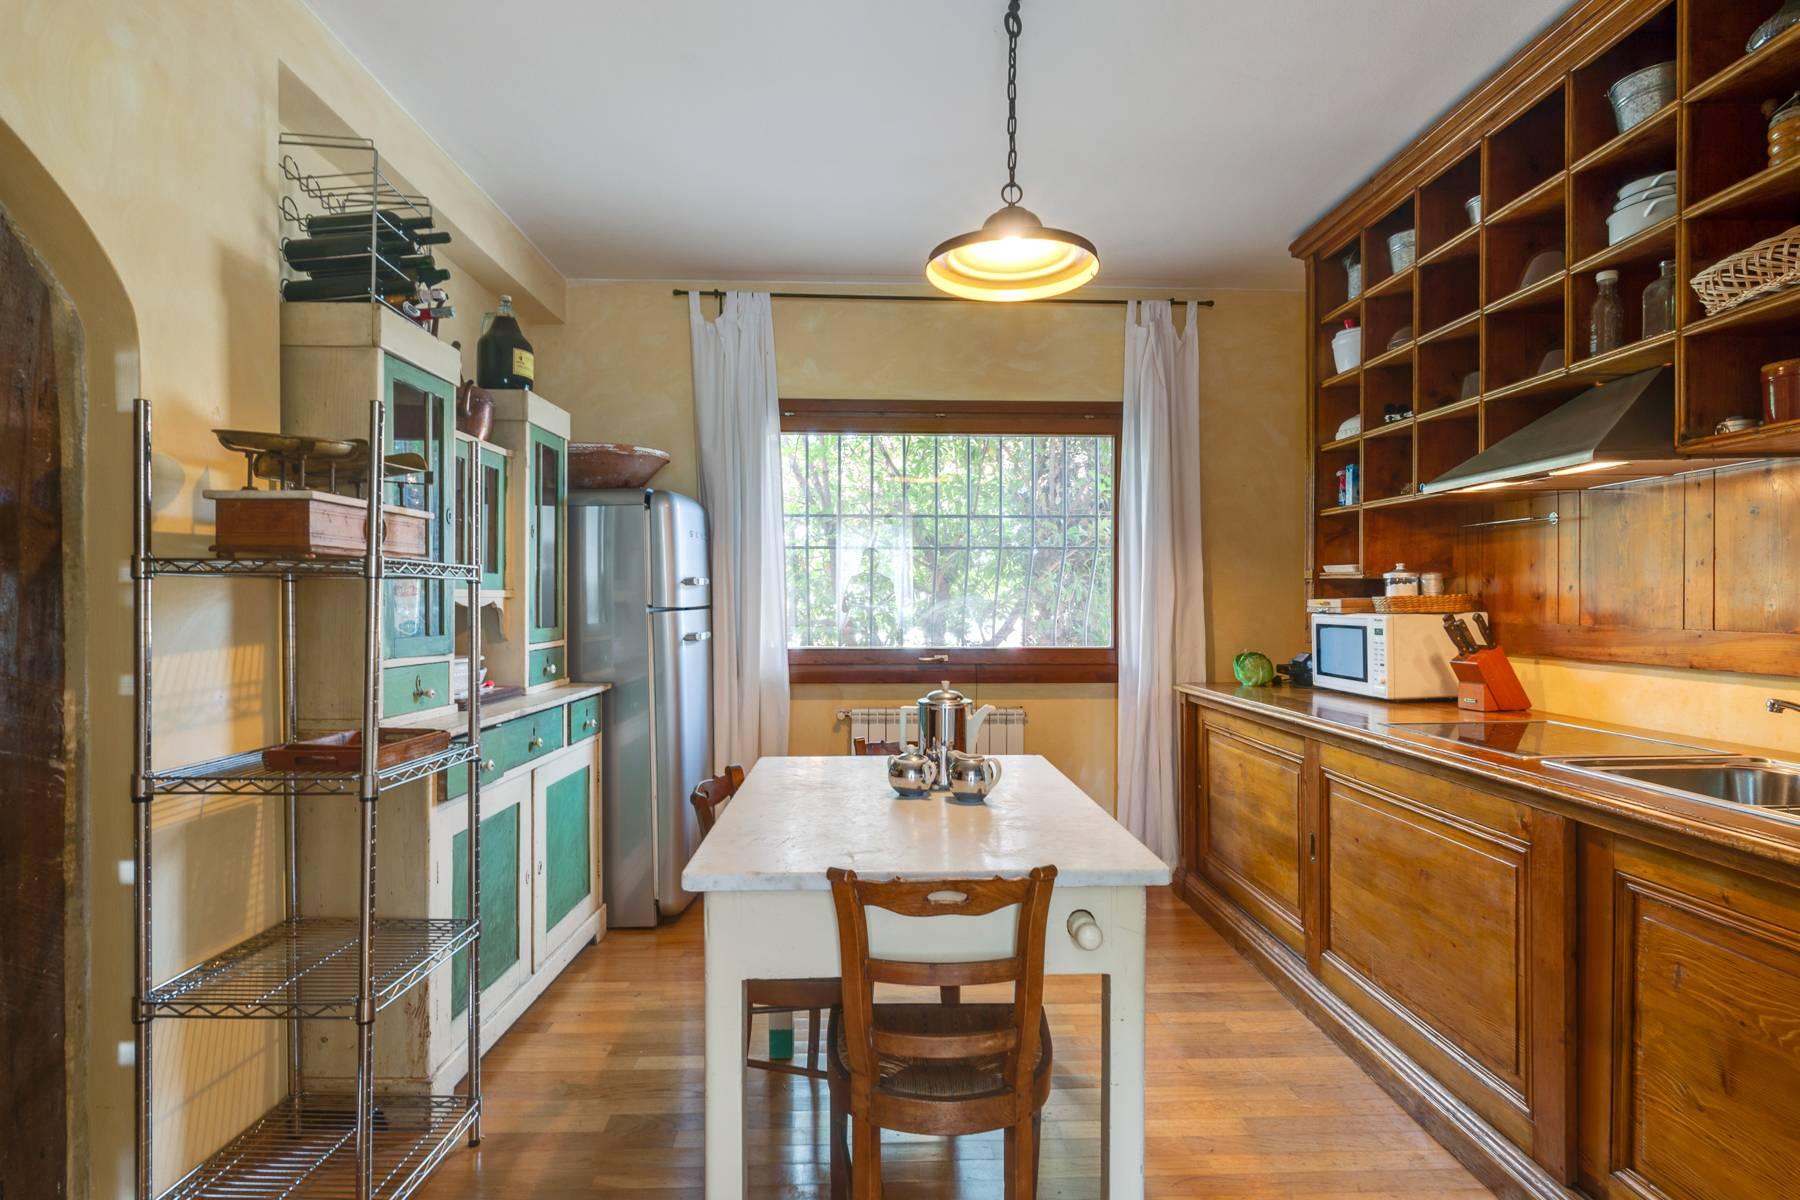 Villa in Vendita a Montalto Di Castro: 5 locali, 231 mq - Foto 4